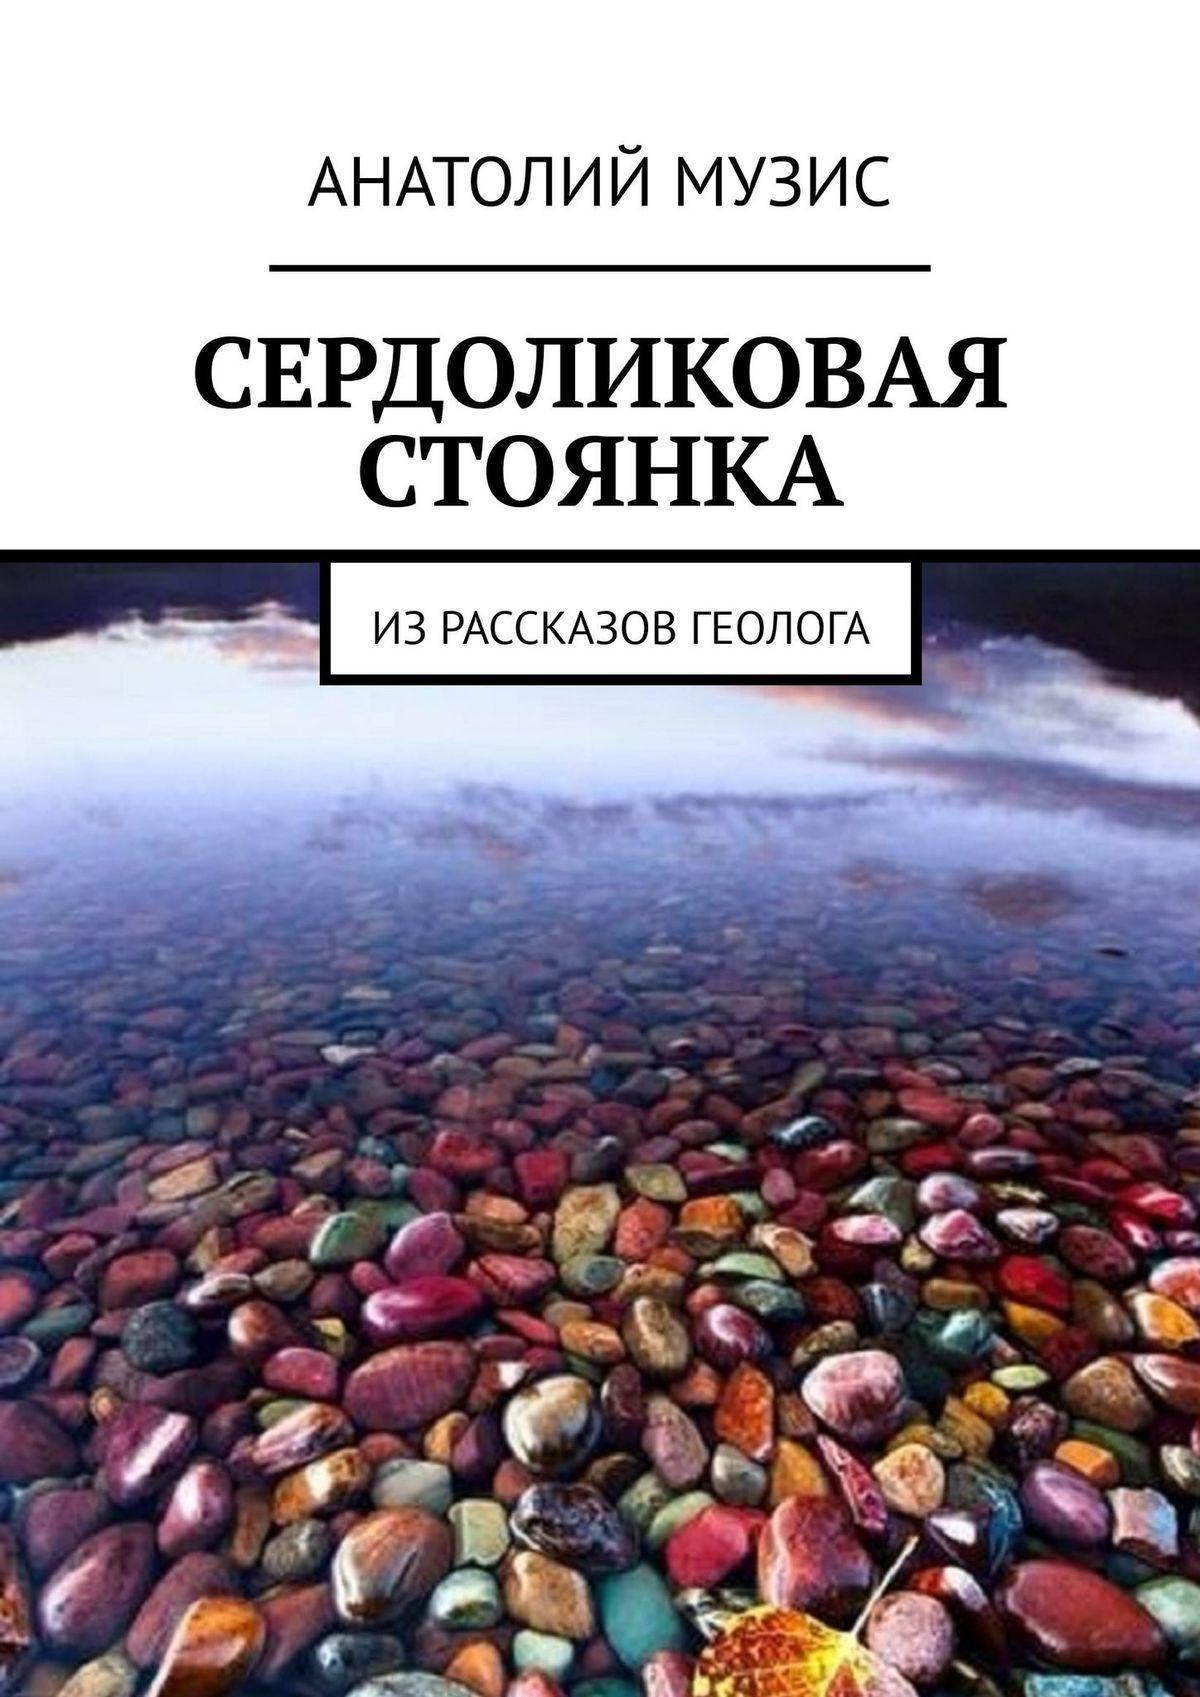 Анатолий Музис. Сердоликовая стоянка. Израссказов геолога